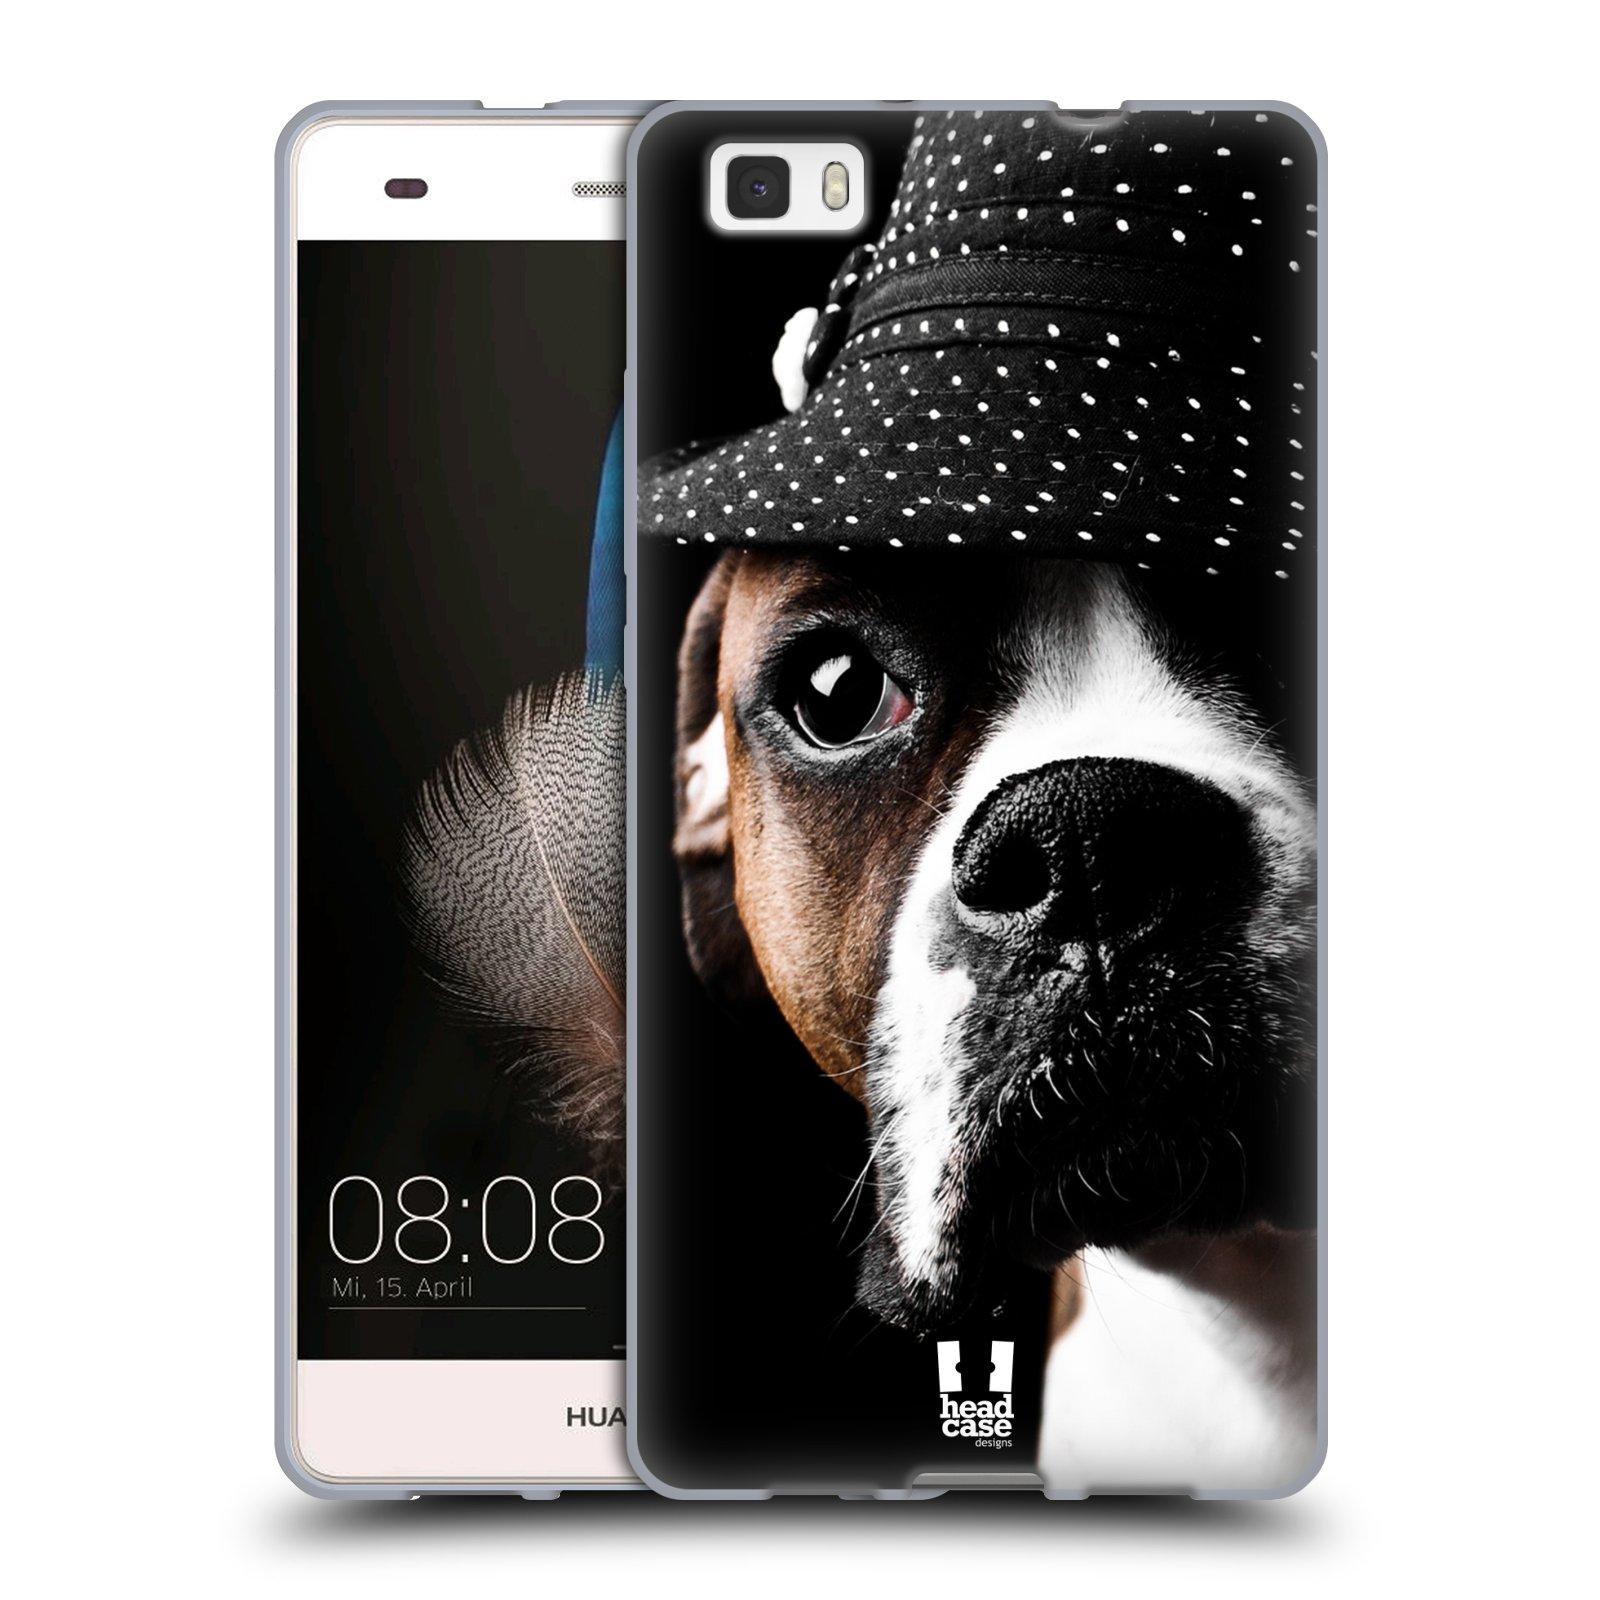 HEAD CASE silikonový obal na mobil Huawei  P8 LITE Legrační zvířátka pejsek drsňák